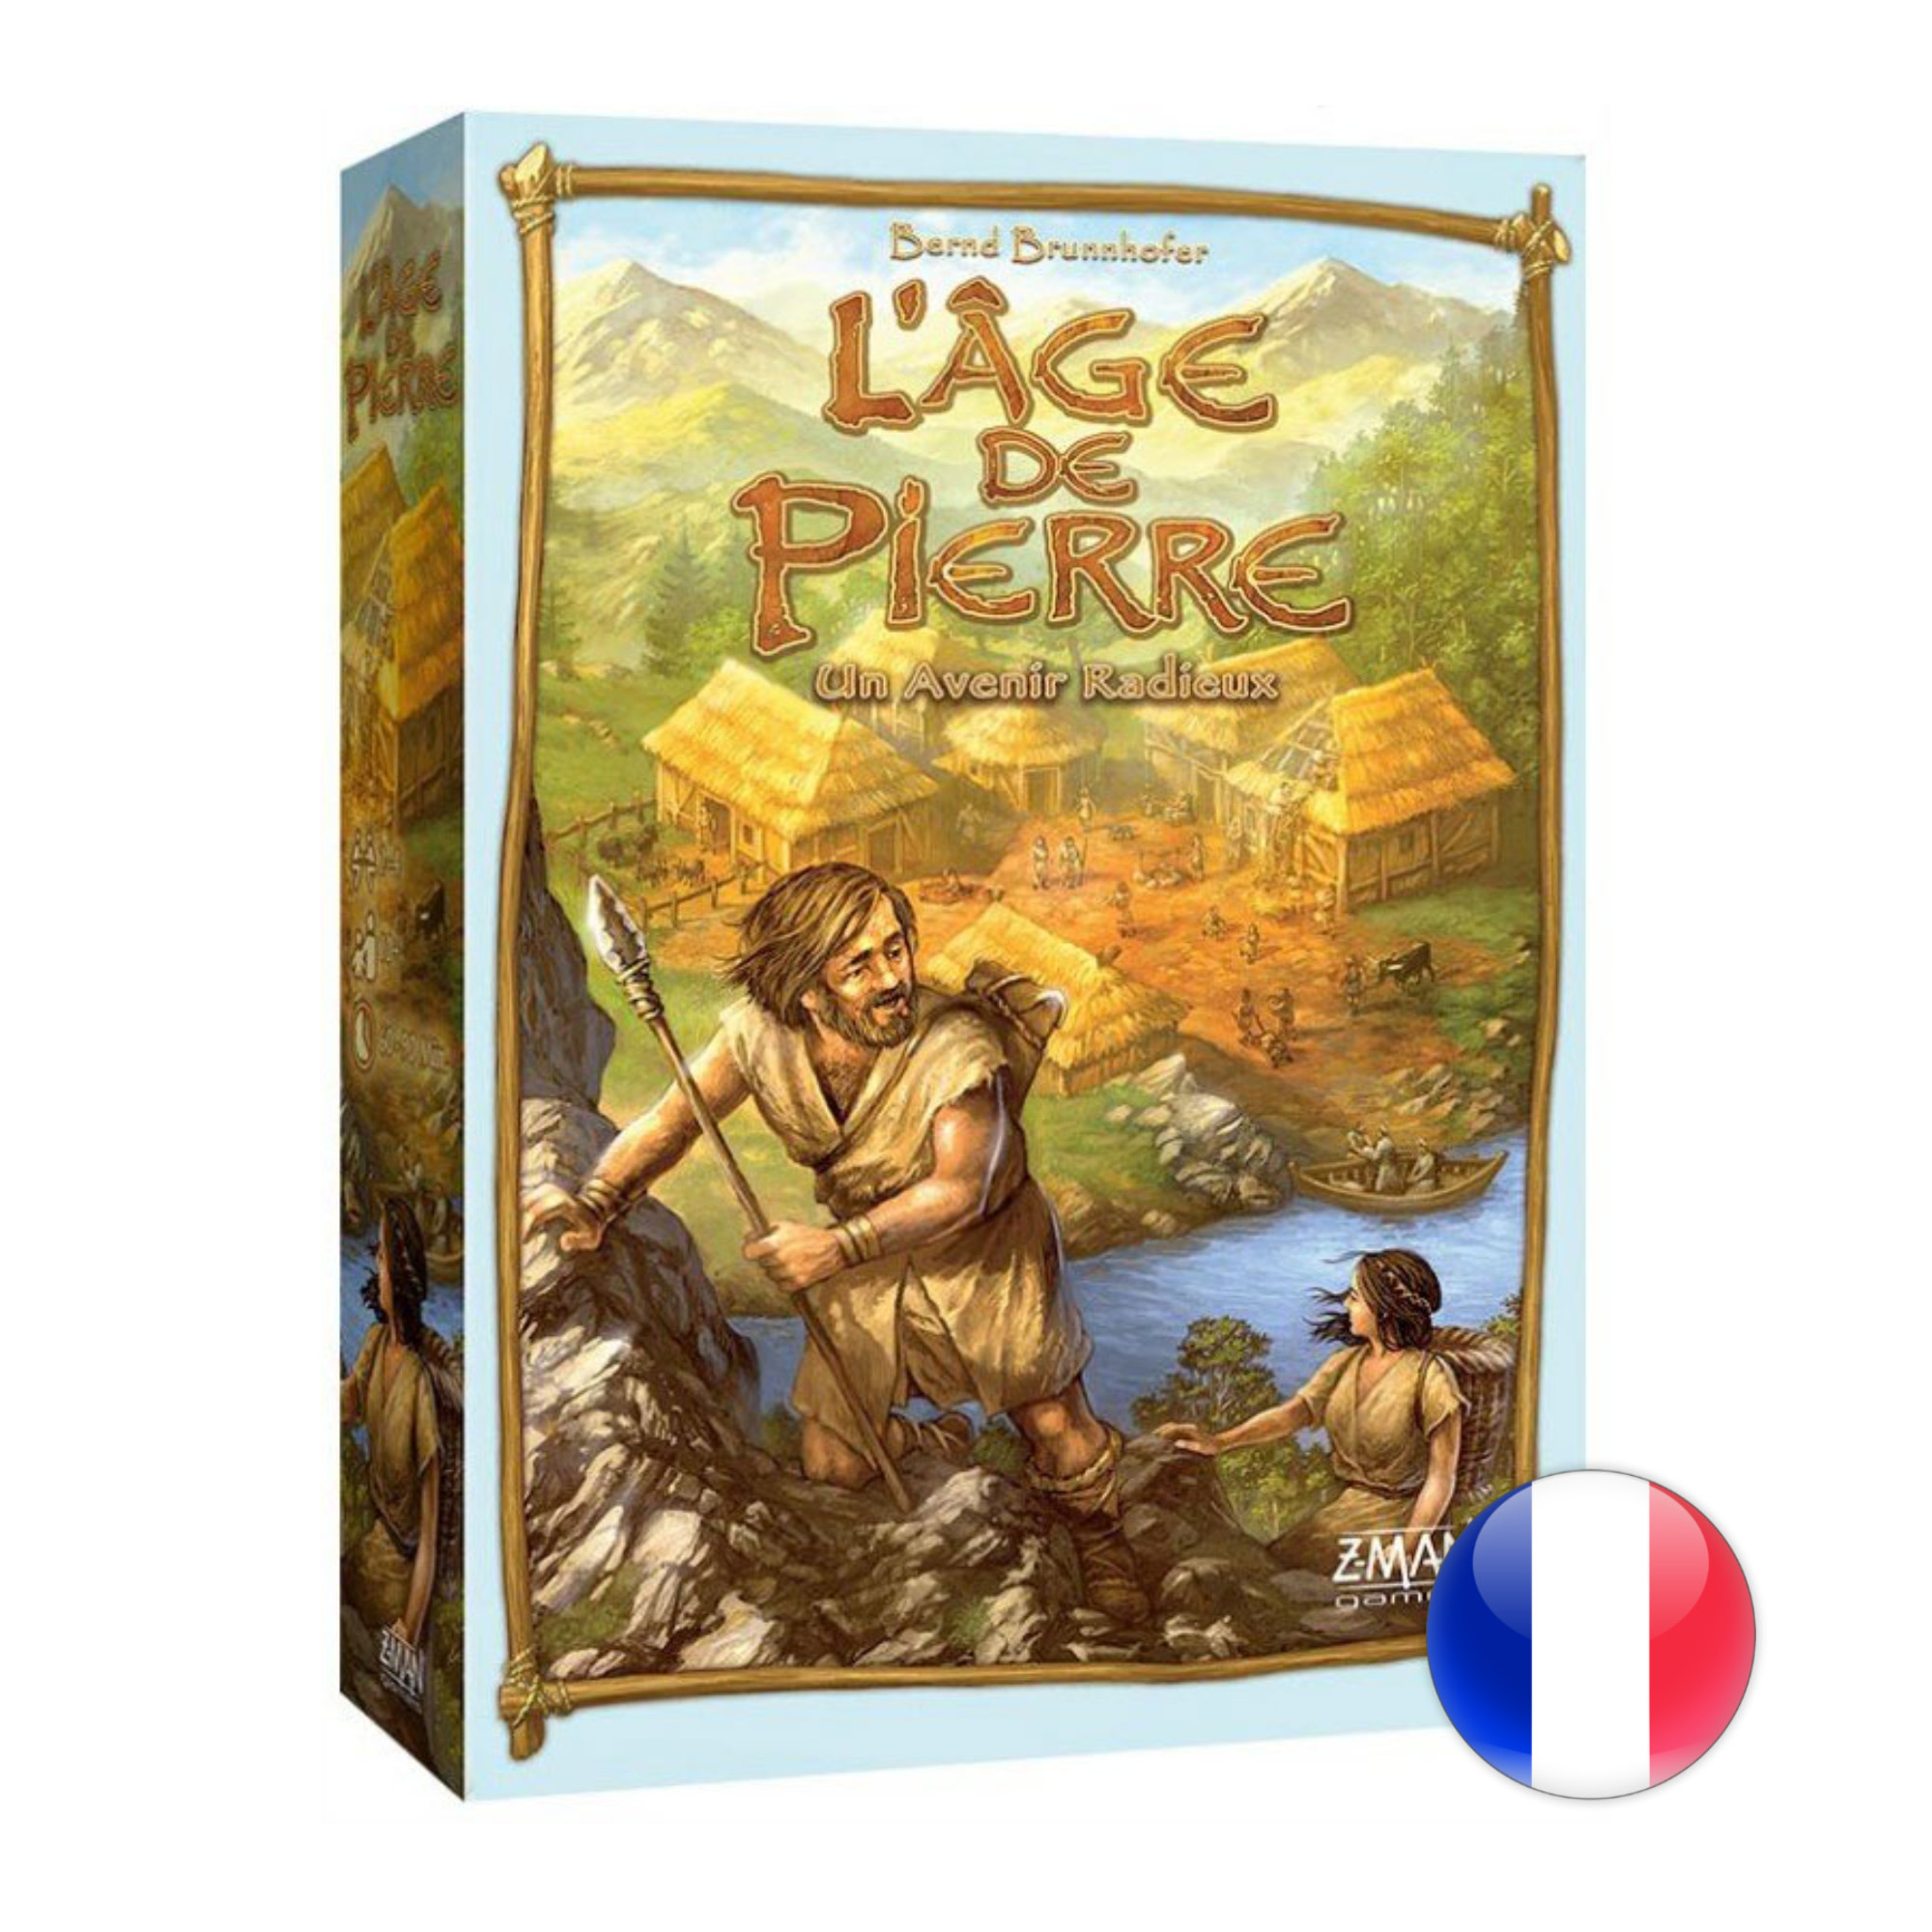 Edge Entertainment L'Âge de Pierre - Un Avenir Radieux